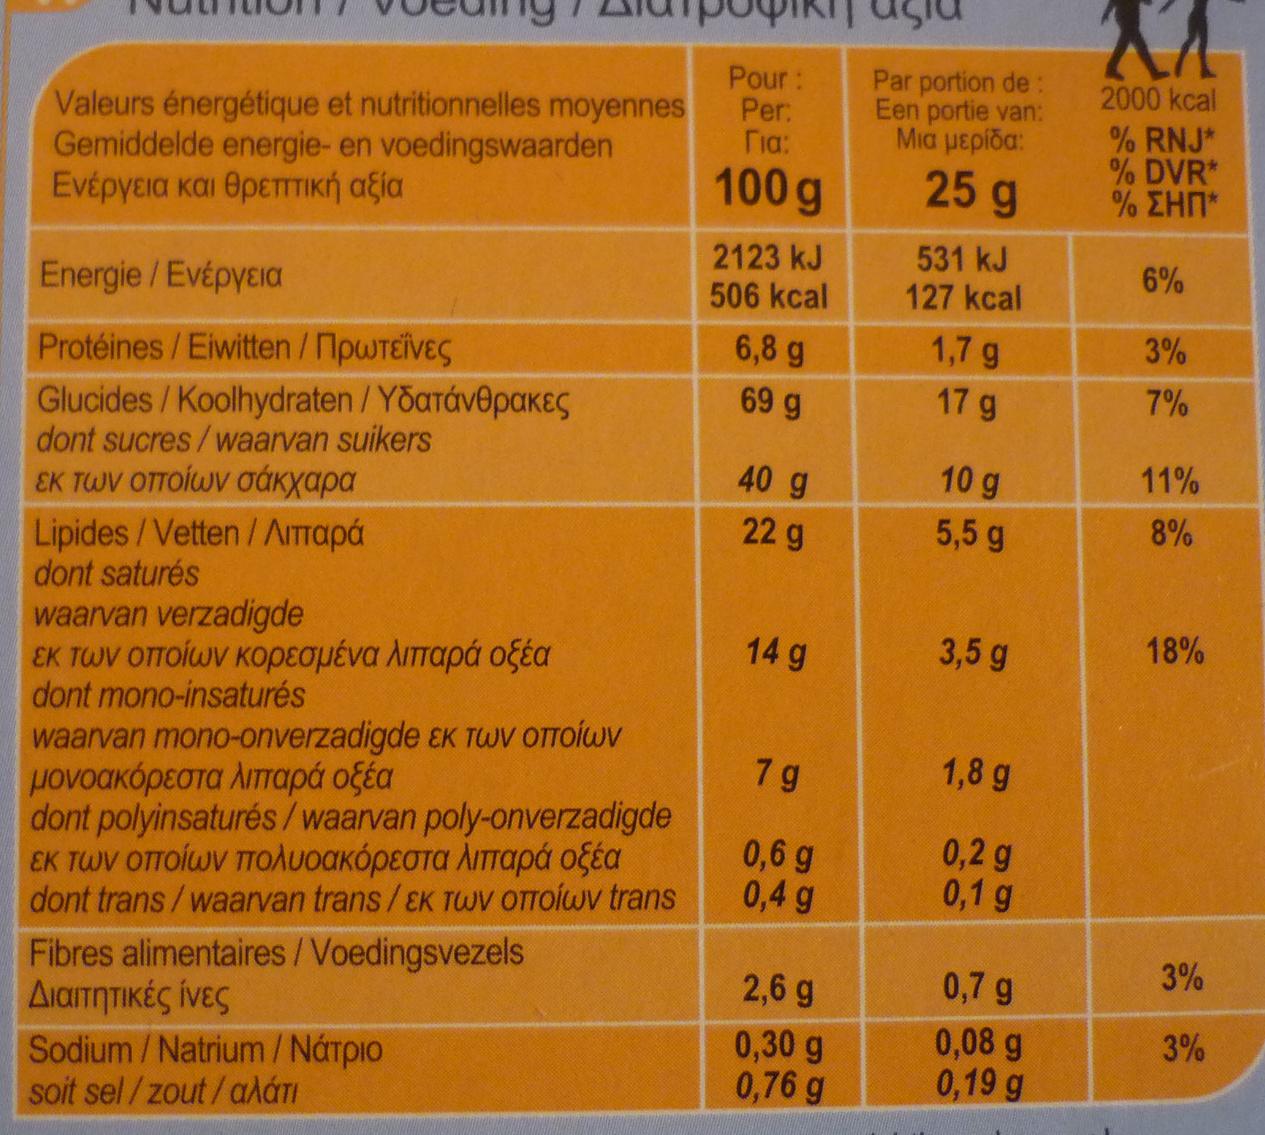 Para llevargalletas de mantequilla tabletachocolate con leche - Informations nutritionnelles - fr